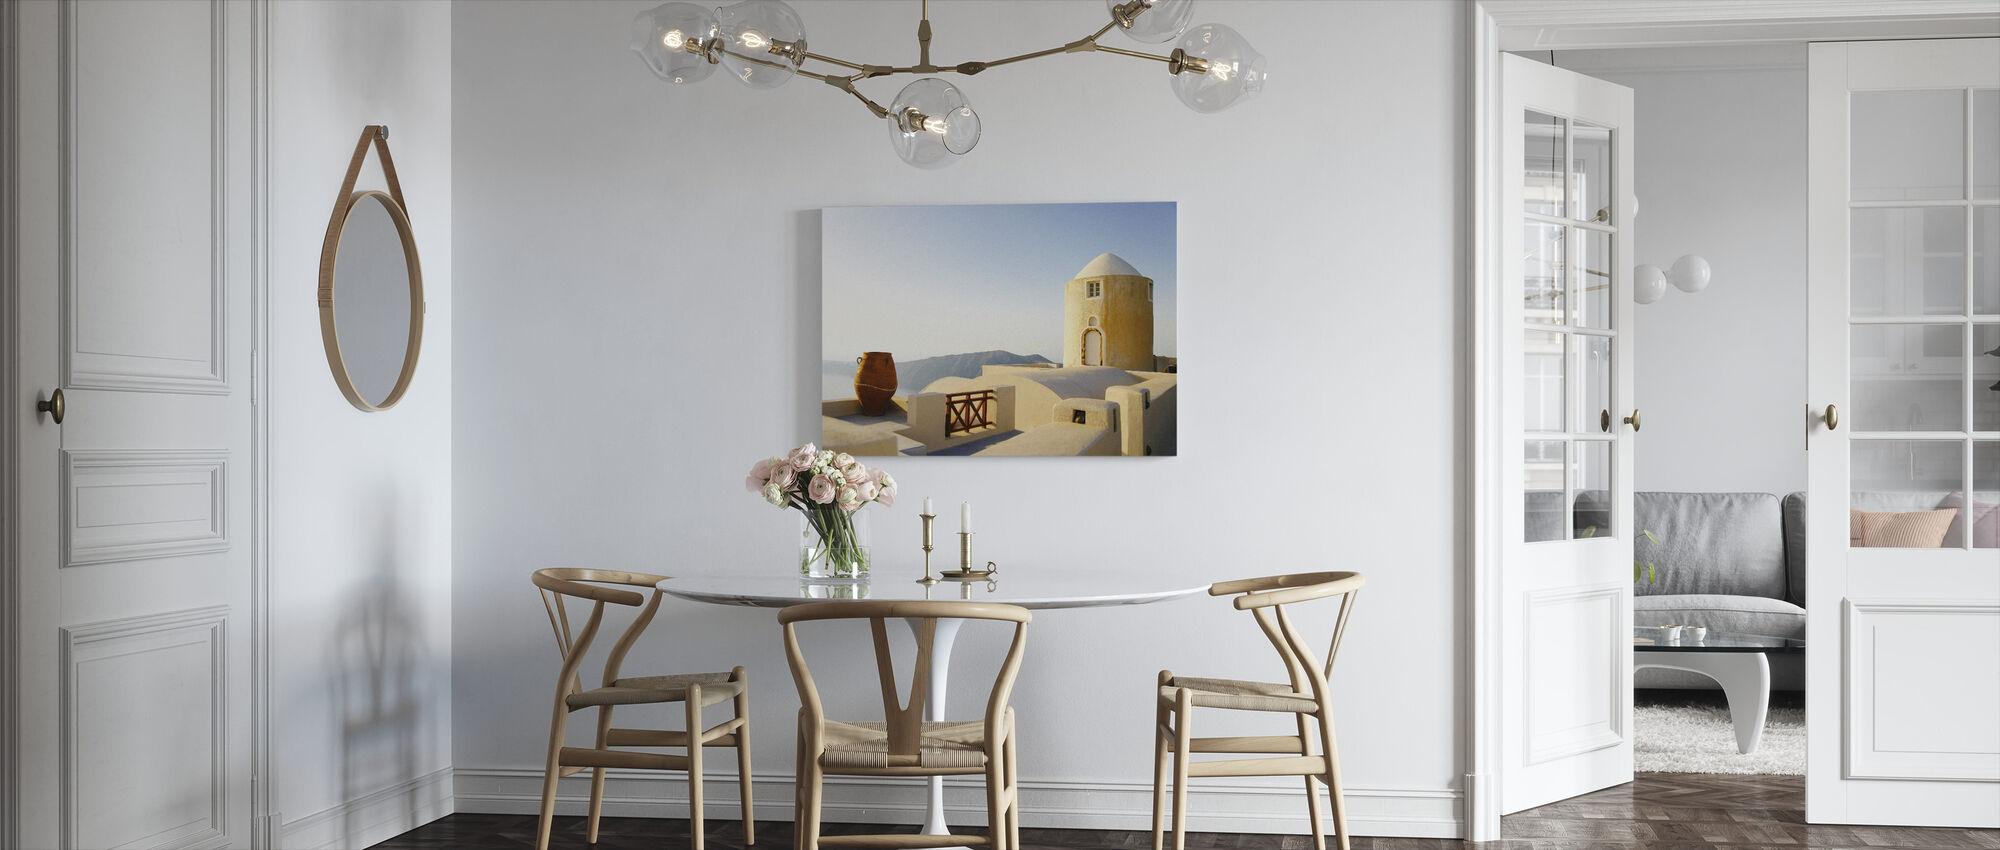 Santorini Building - Canvas print - Kitchen